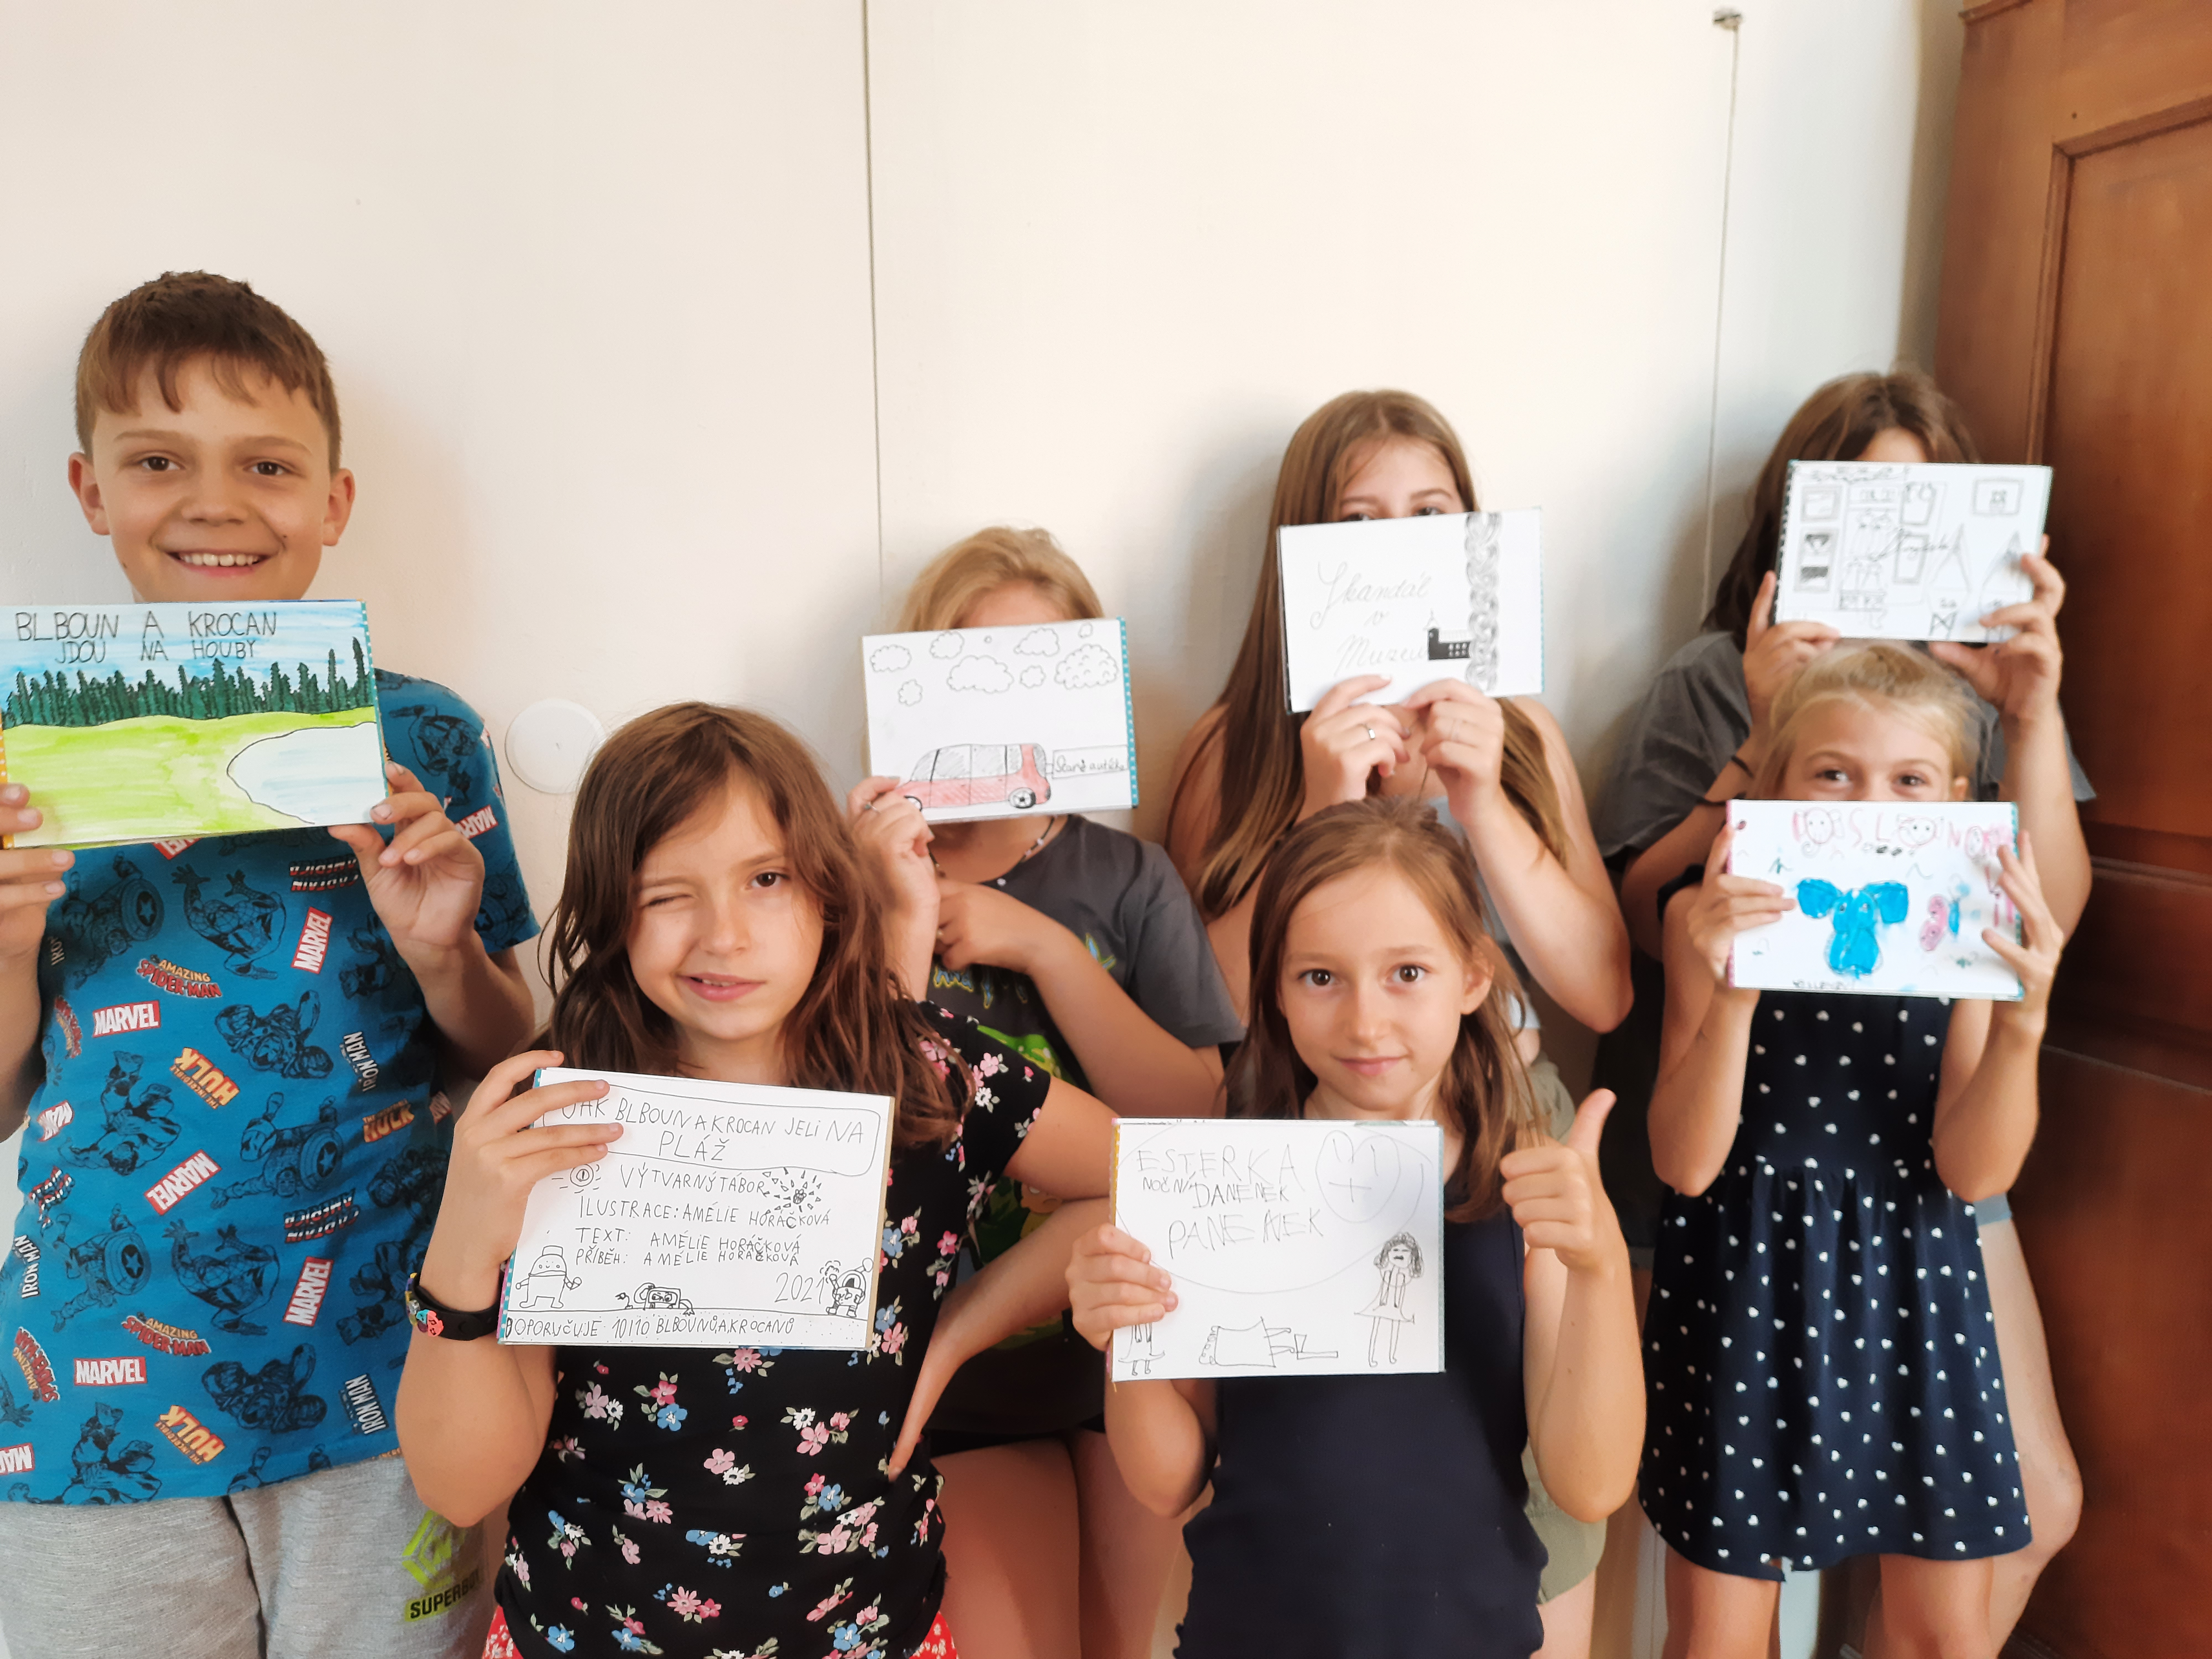 Děti s obrázky